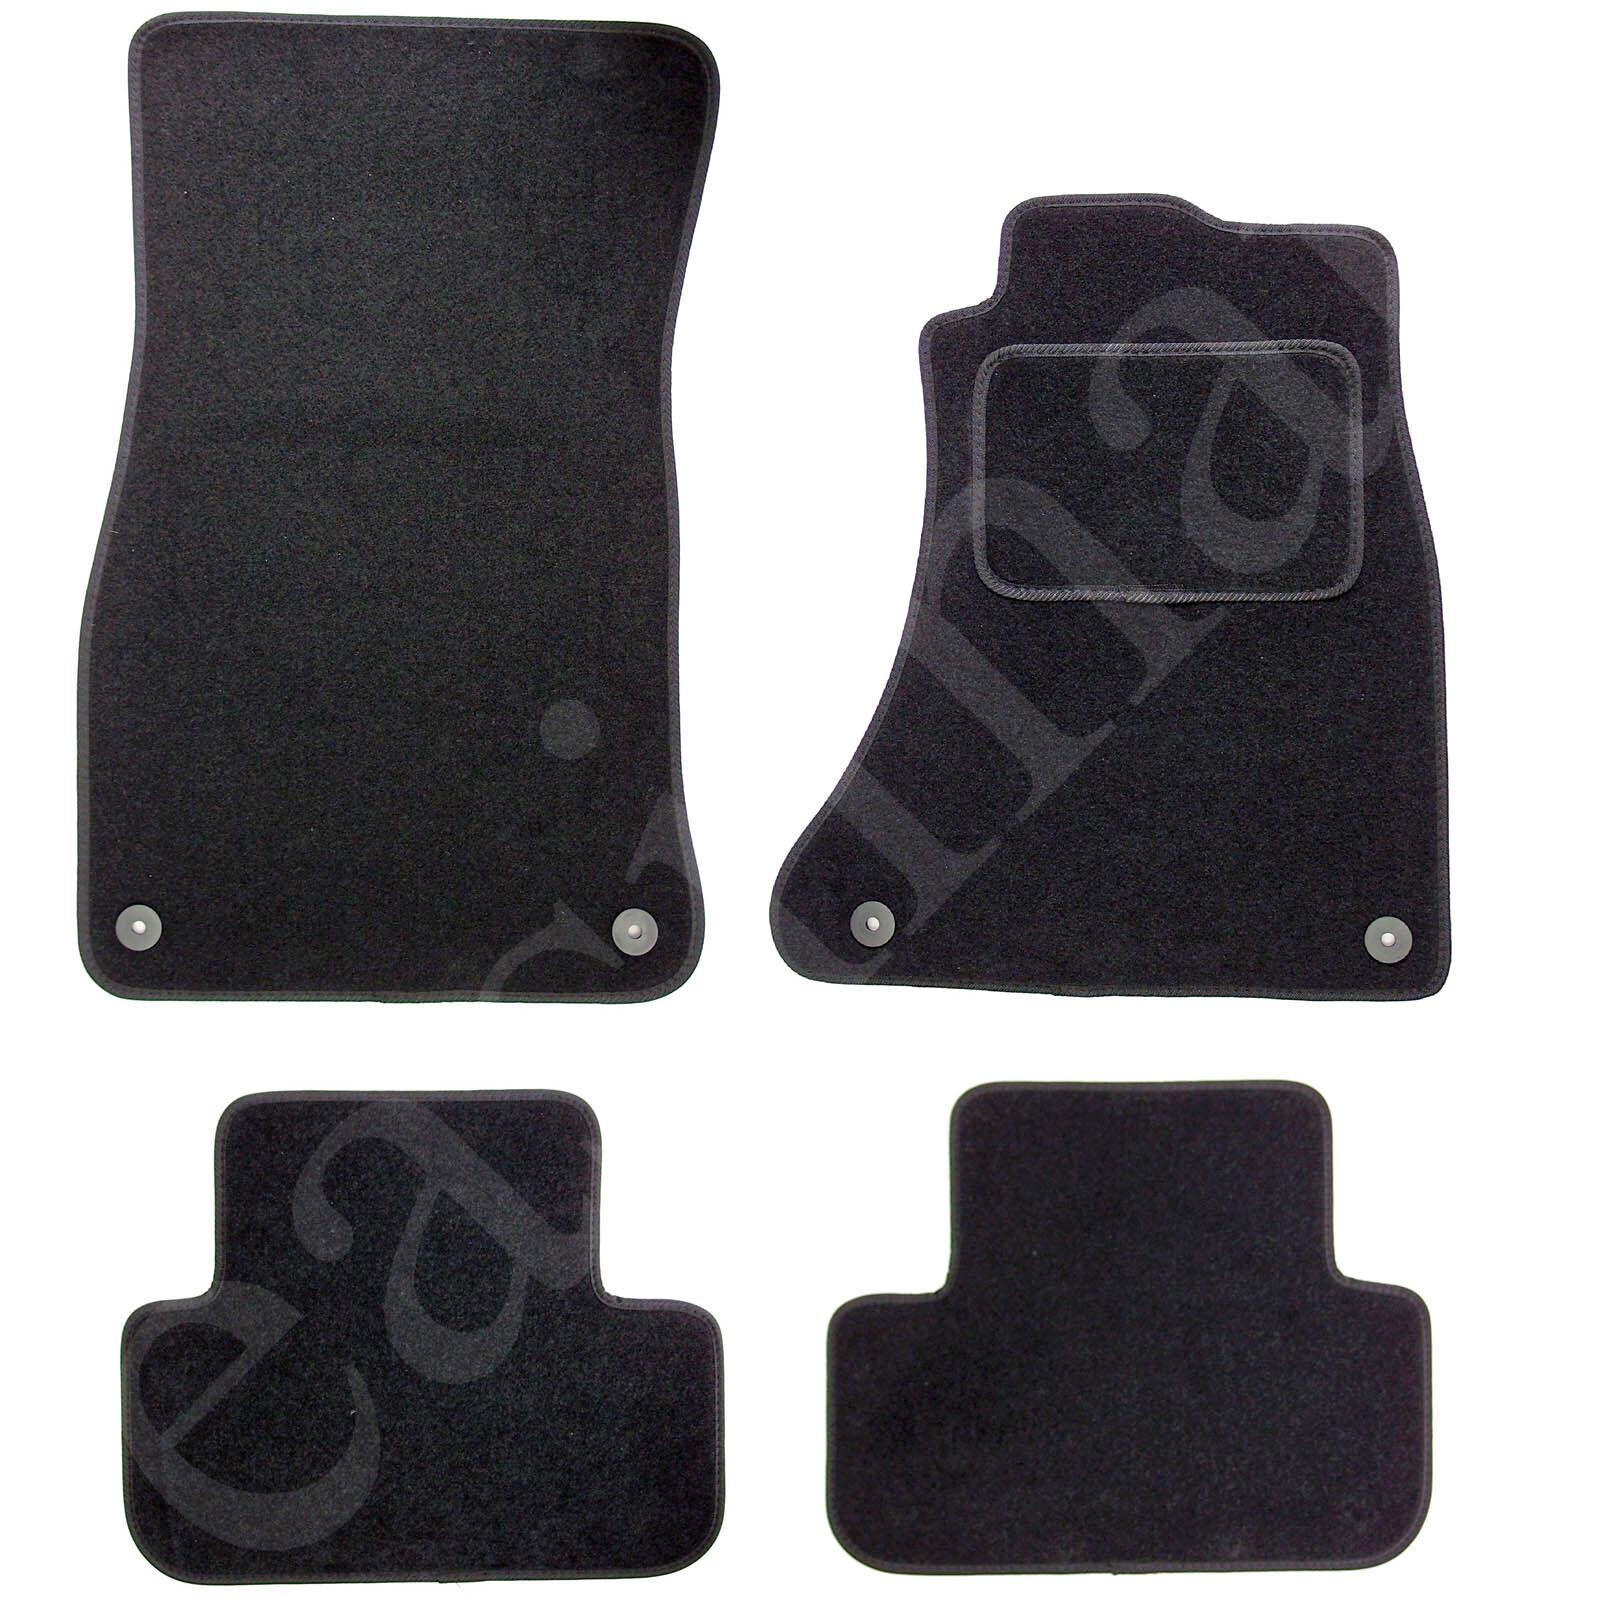 Car Parts - Fits Audi A4 B8 2008-2015 Car Mats Tailored Carpet Black 4pcs Floor Mat Set